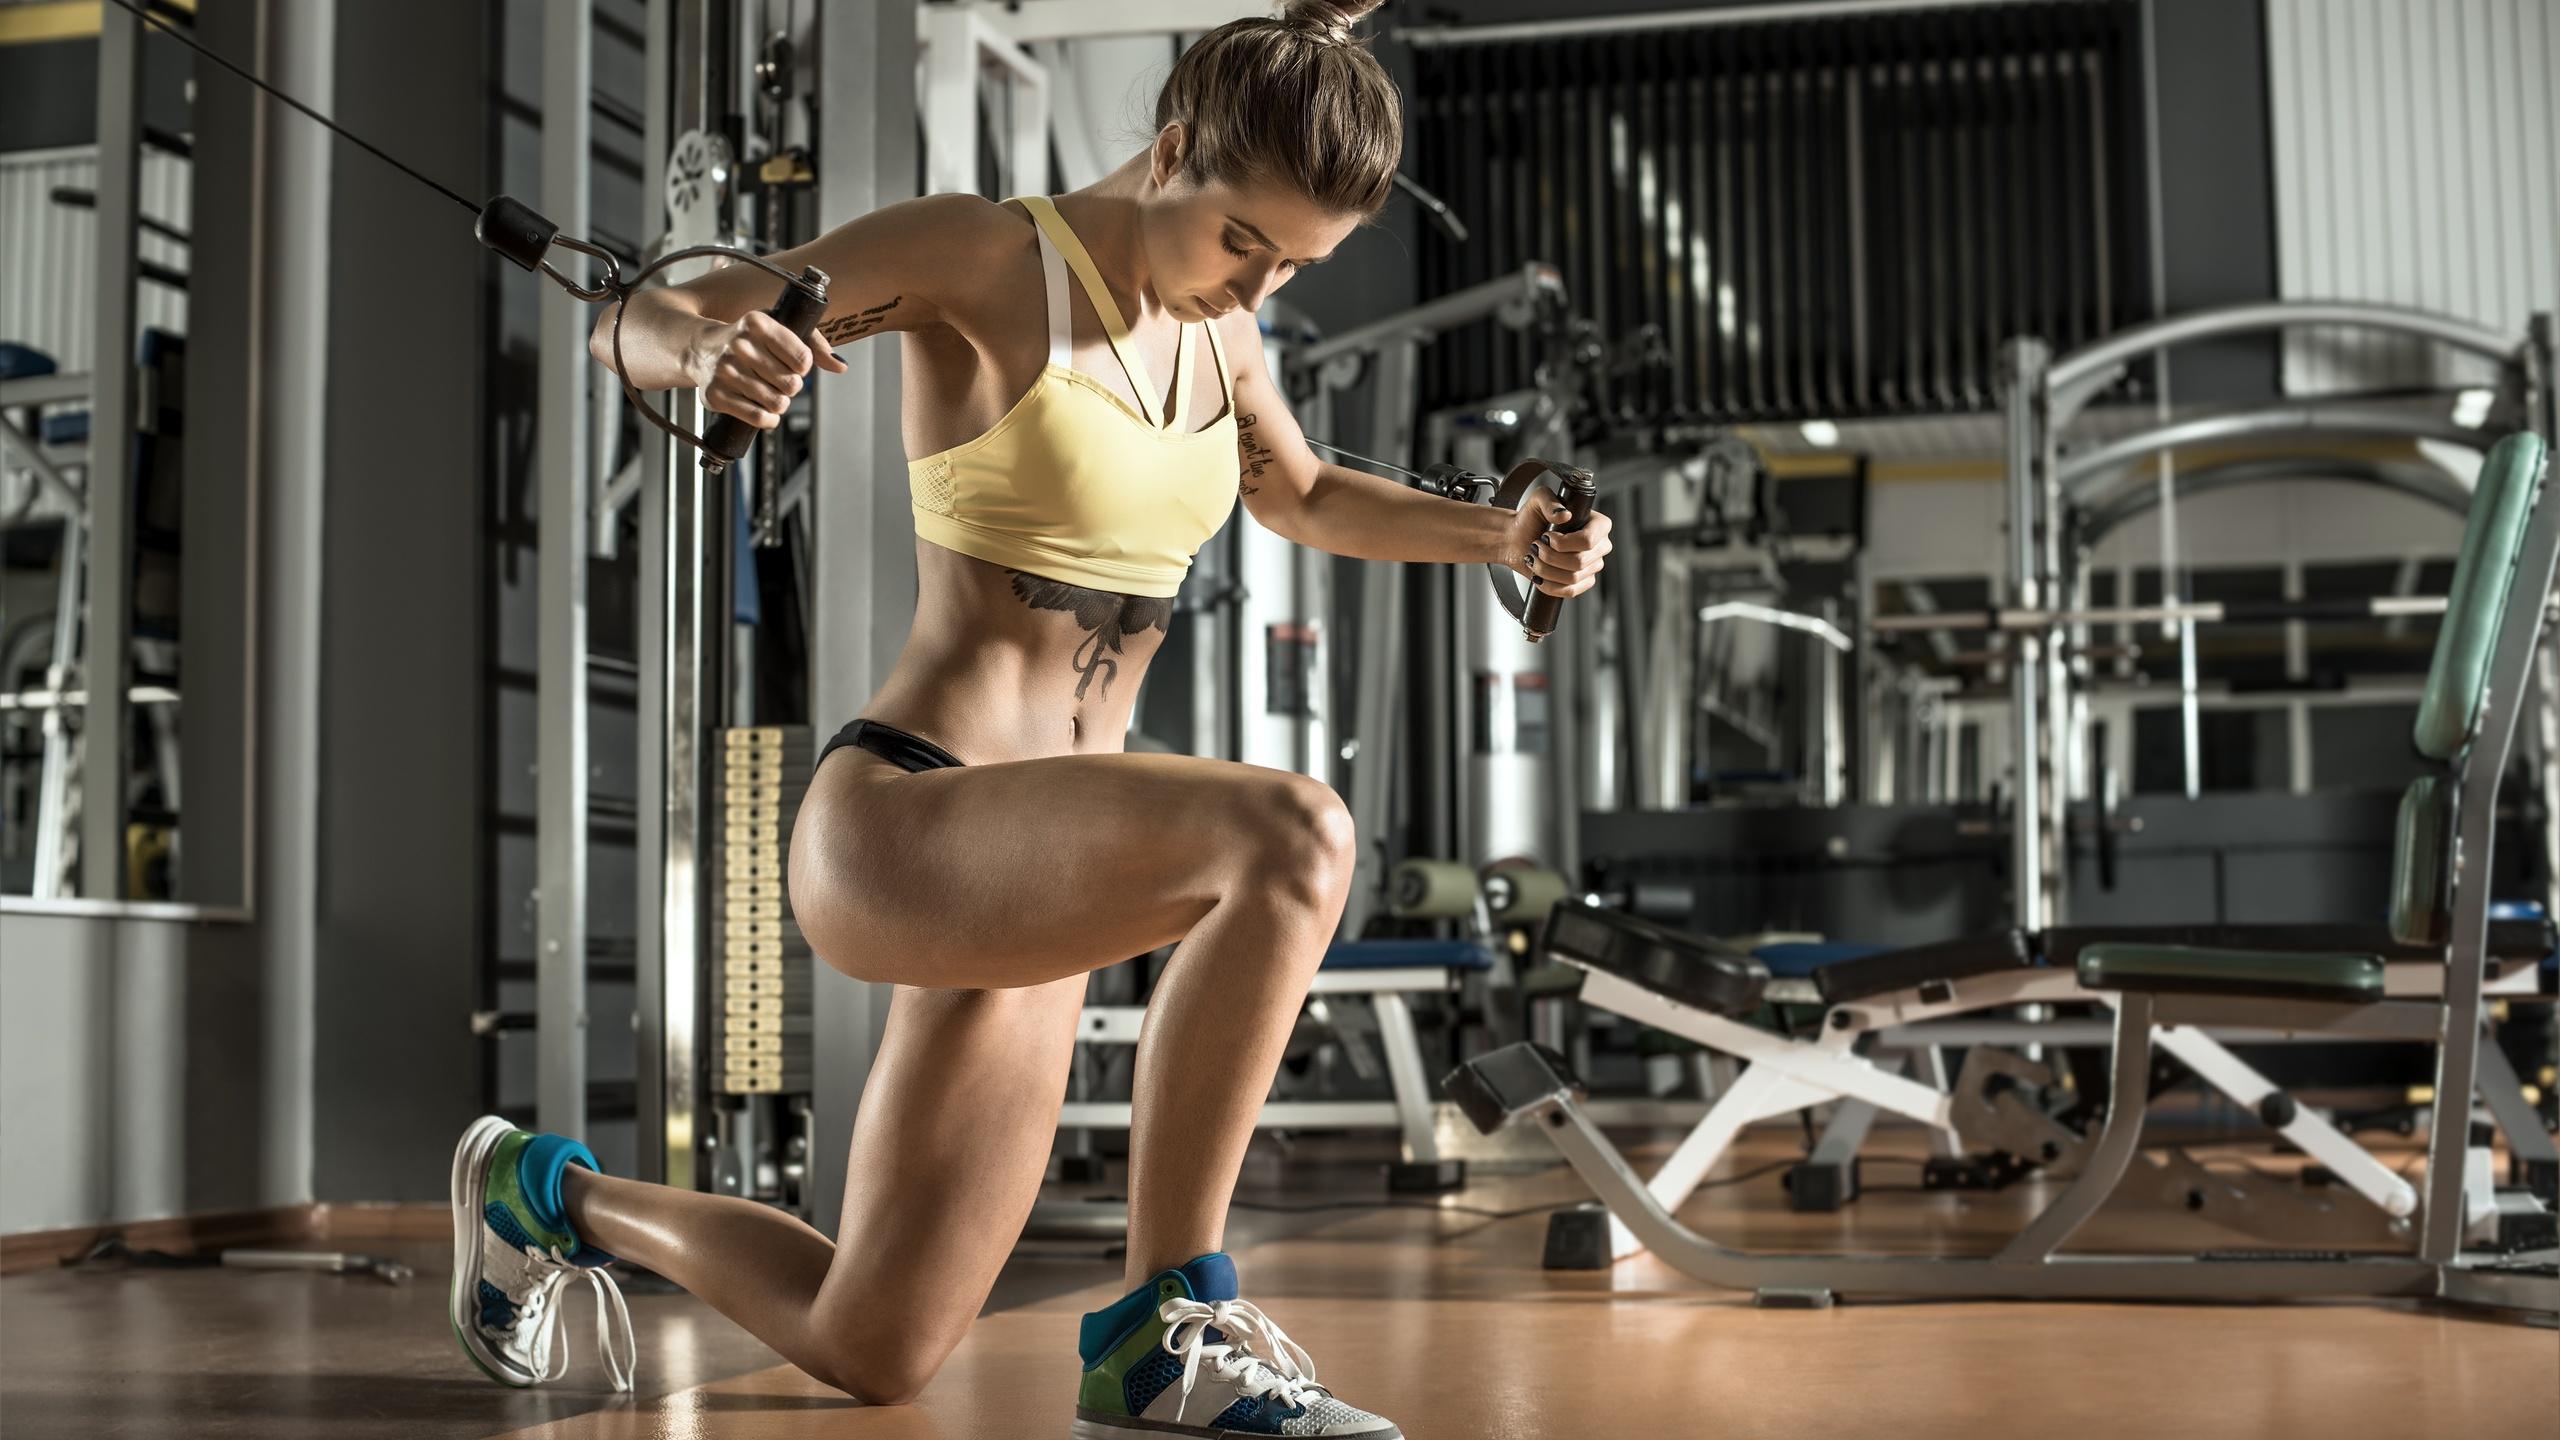 Девушки в спортзалах картинки